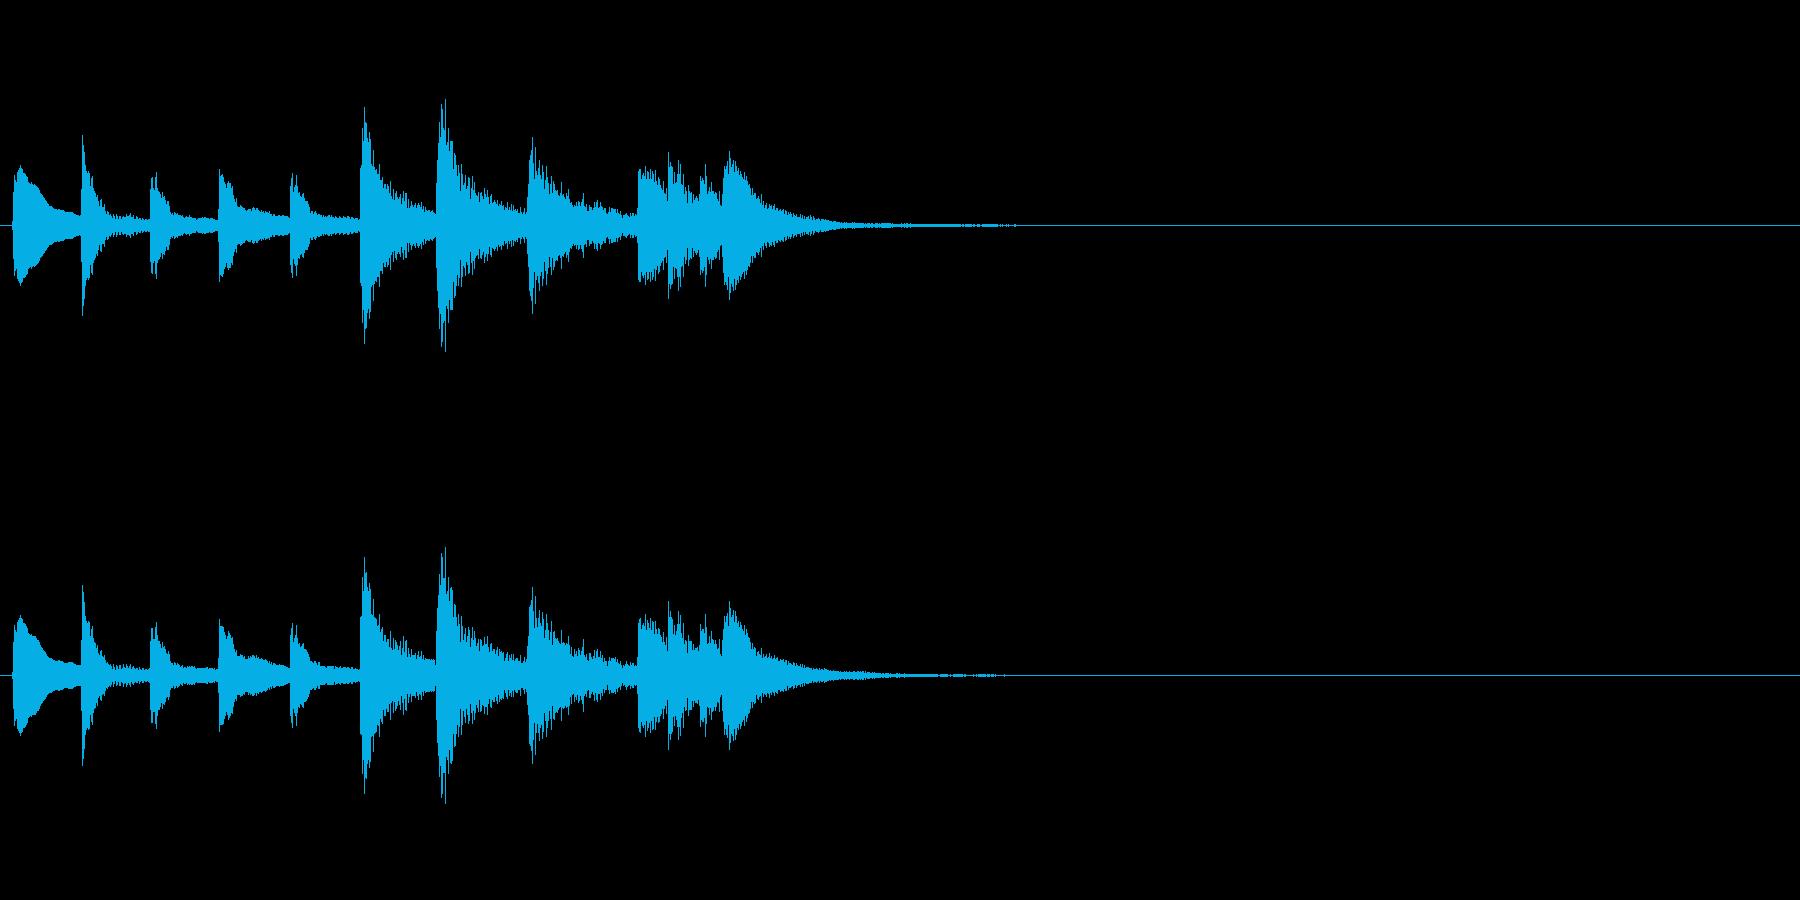 和風効果音 琴2(拍子木なし)の再生済みの波形